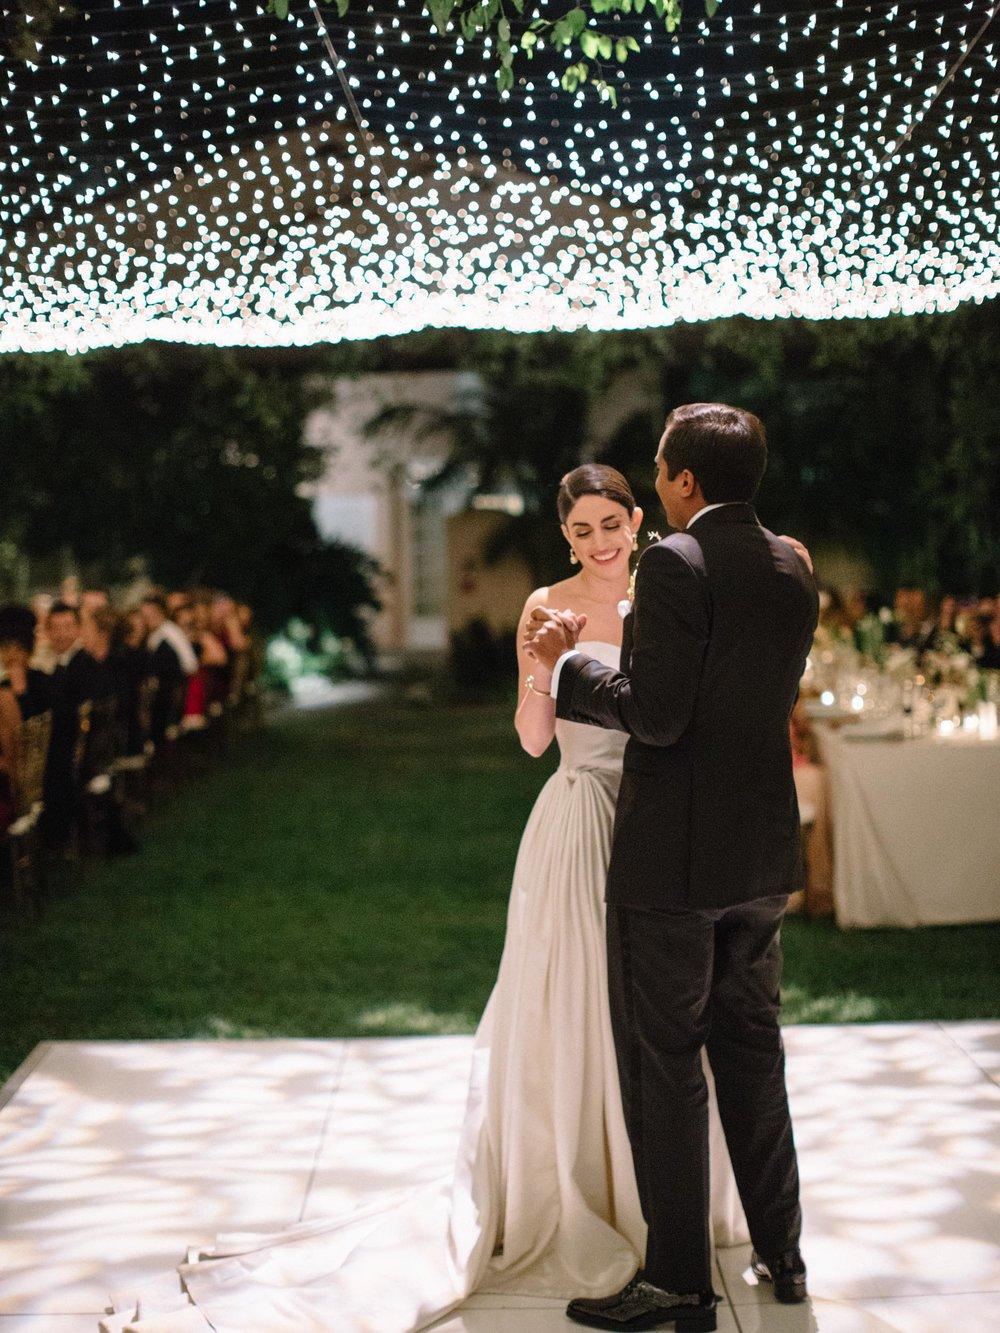 Hotel+Bel-Air+Wedding+First+Dance+Outdoor.jpg